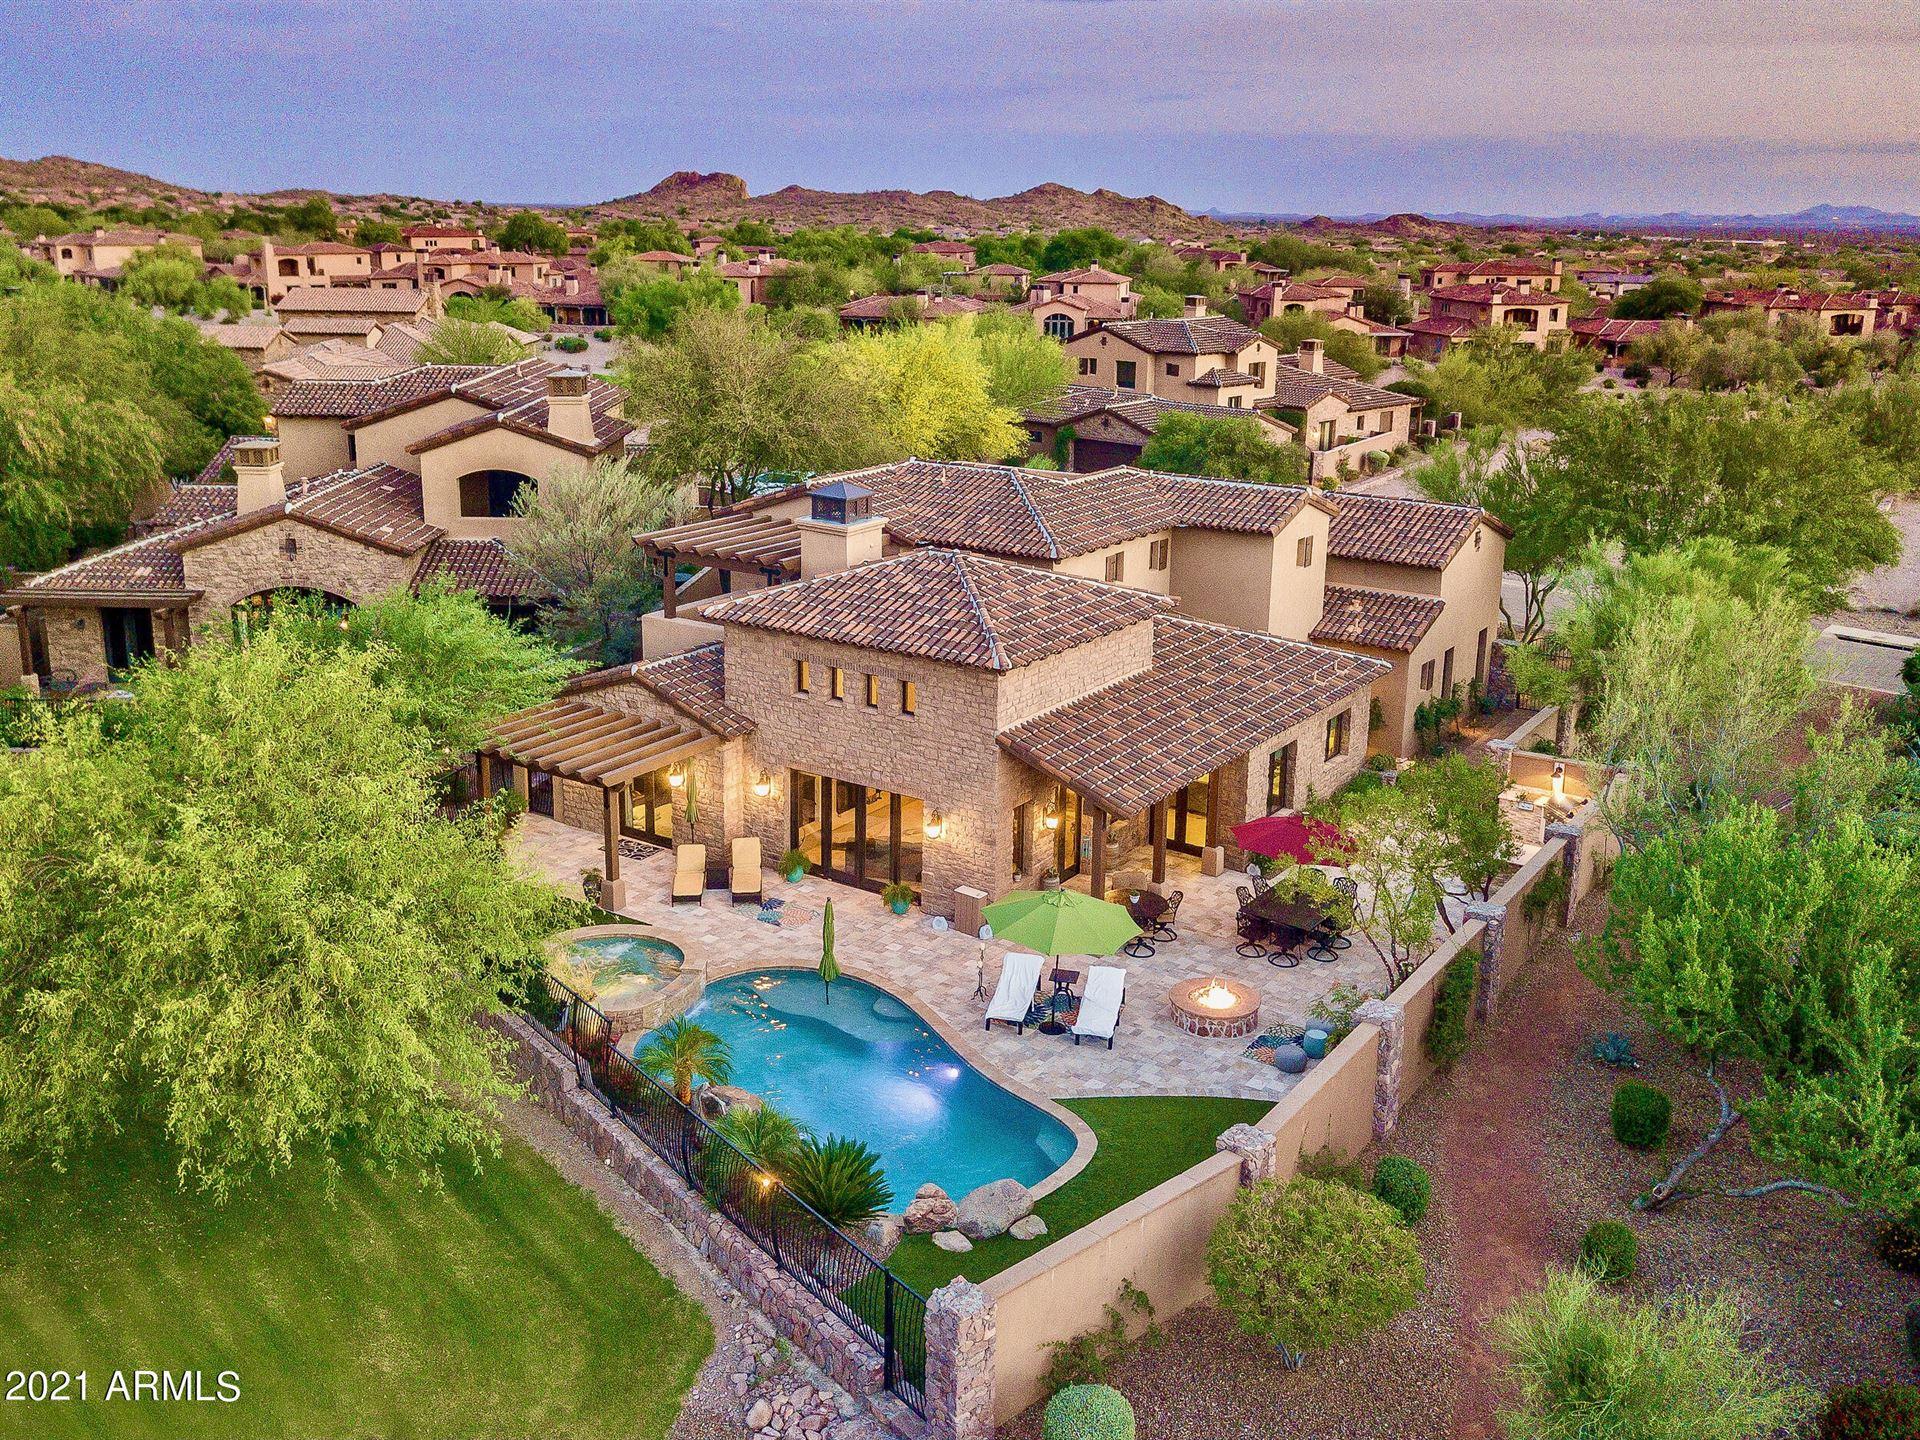 3114 S PROSPECTOR Circle, Gold Canyon, AZ 85118 - MLS#: 6244018